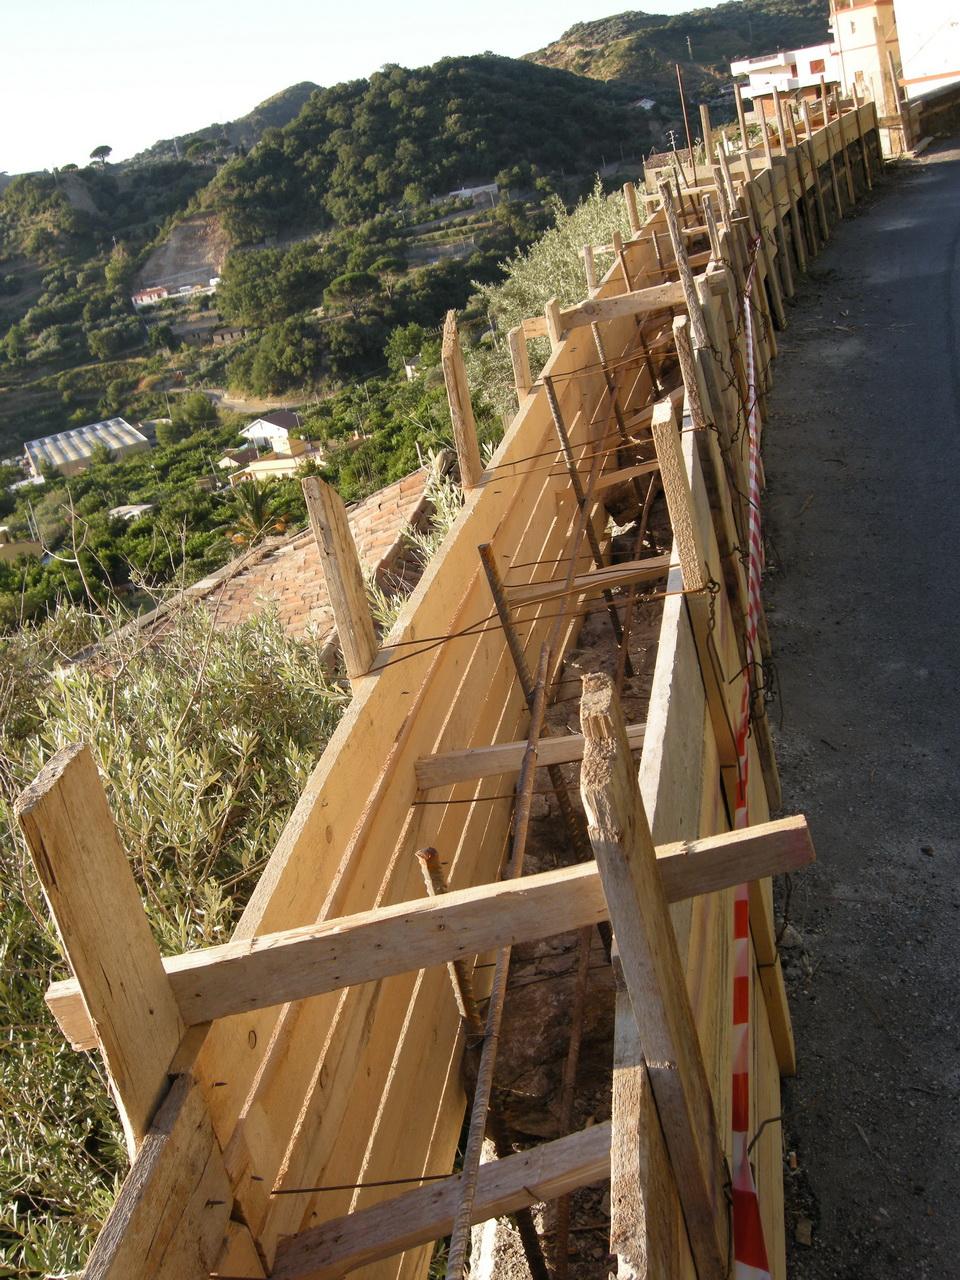 You are browsing images from the article: 25/07/2009 - Ricostruito il muro crollato da anni vicino al Ponte Larderia